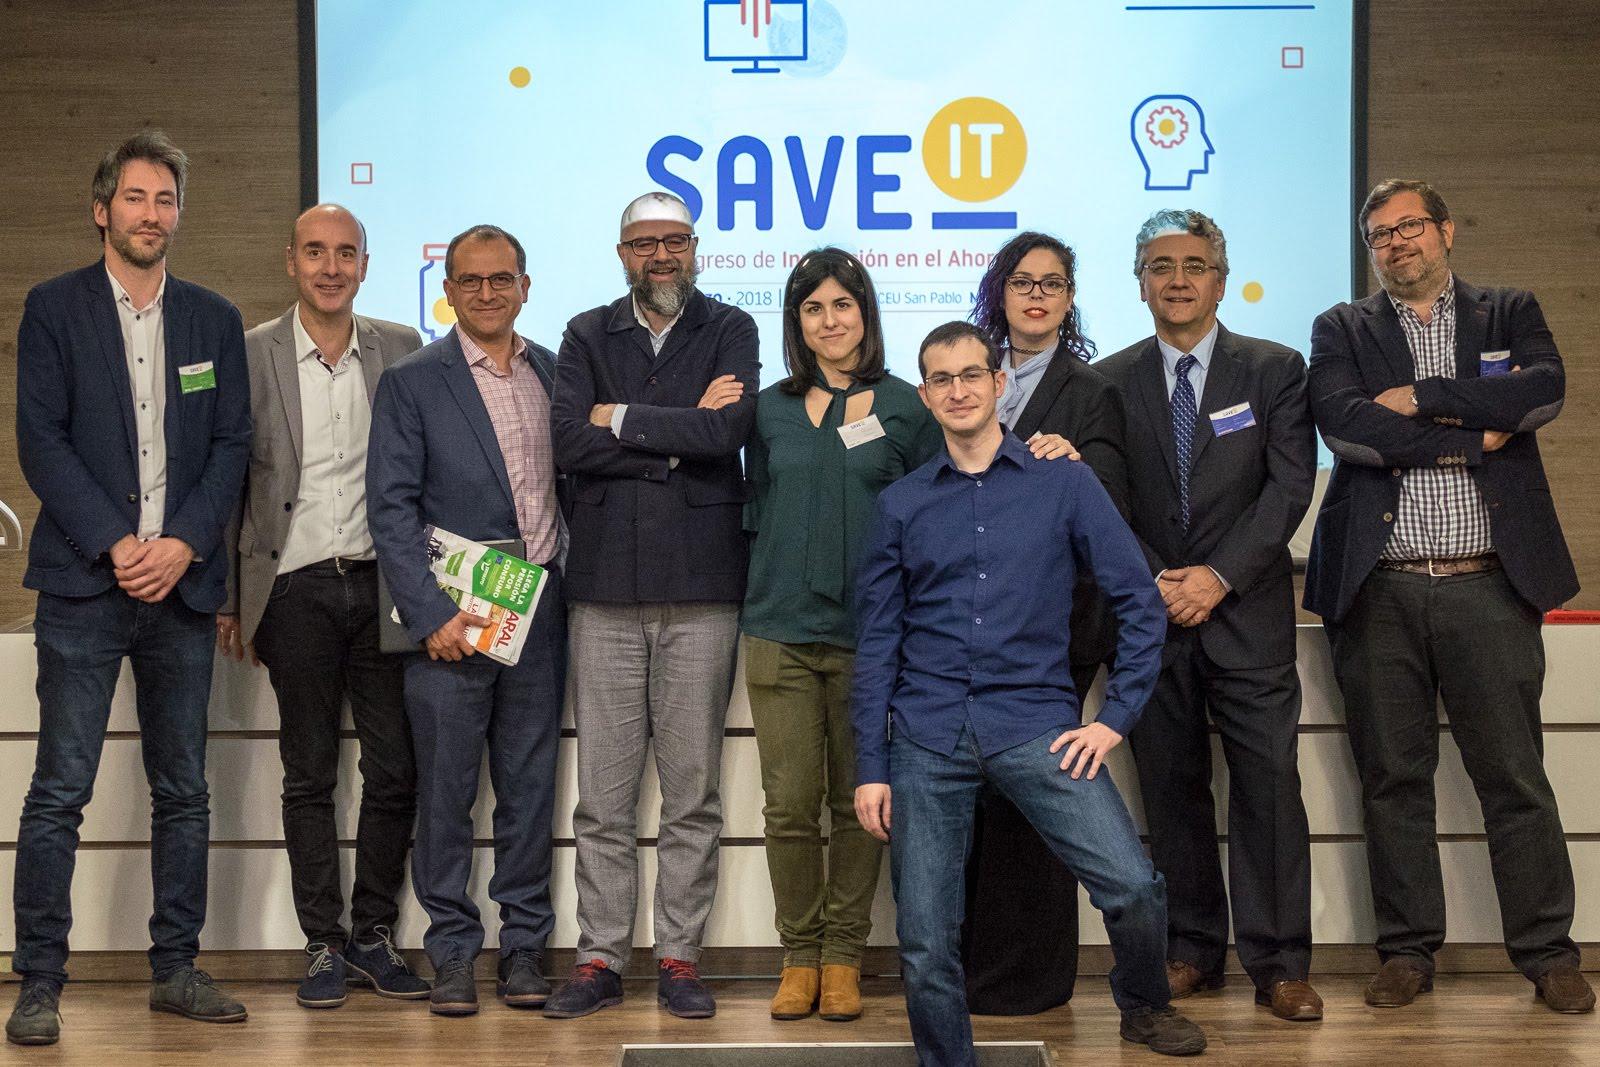 Crónicas en medios y álbum de fotos de Save IT, El primer congreso de la Innovación en el Ahorro